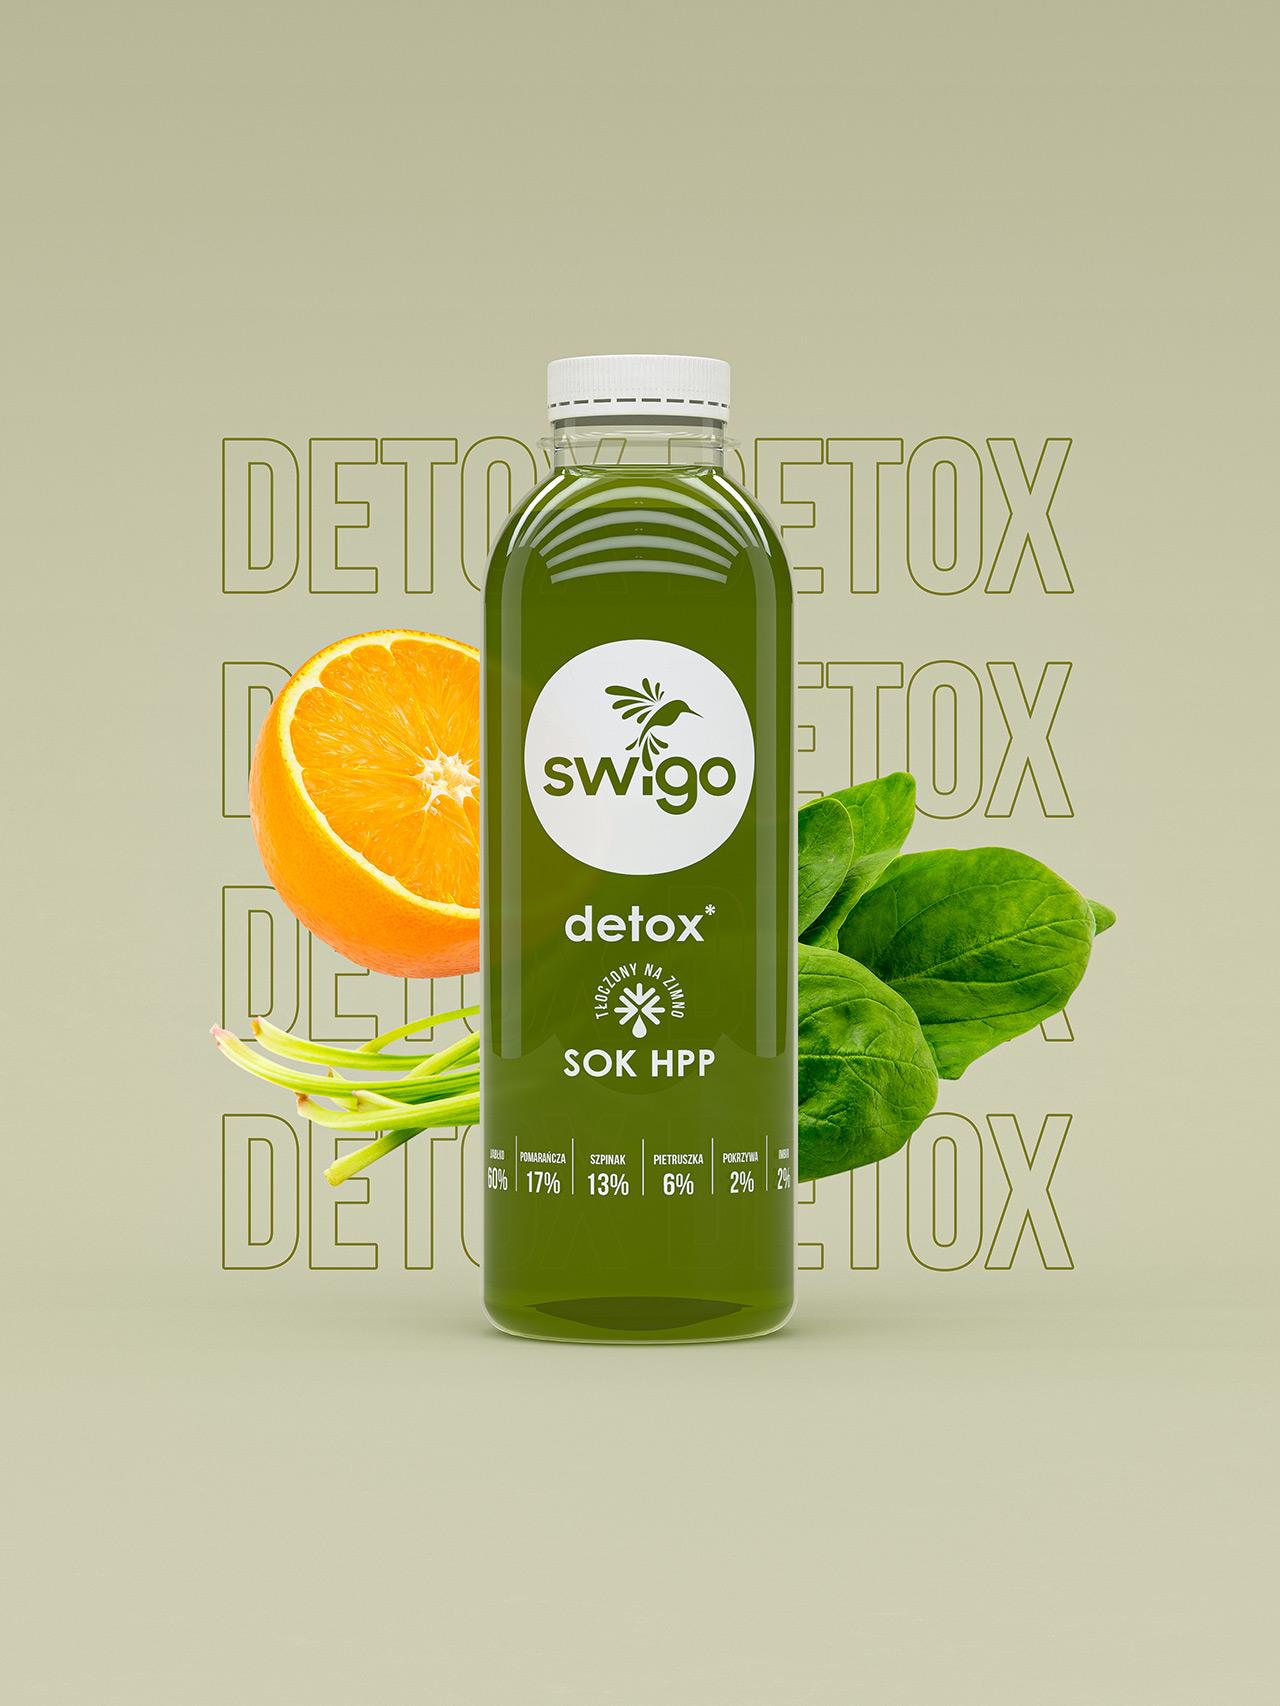 Swigo - detox